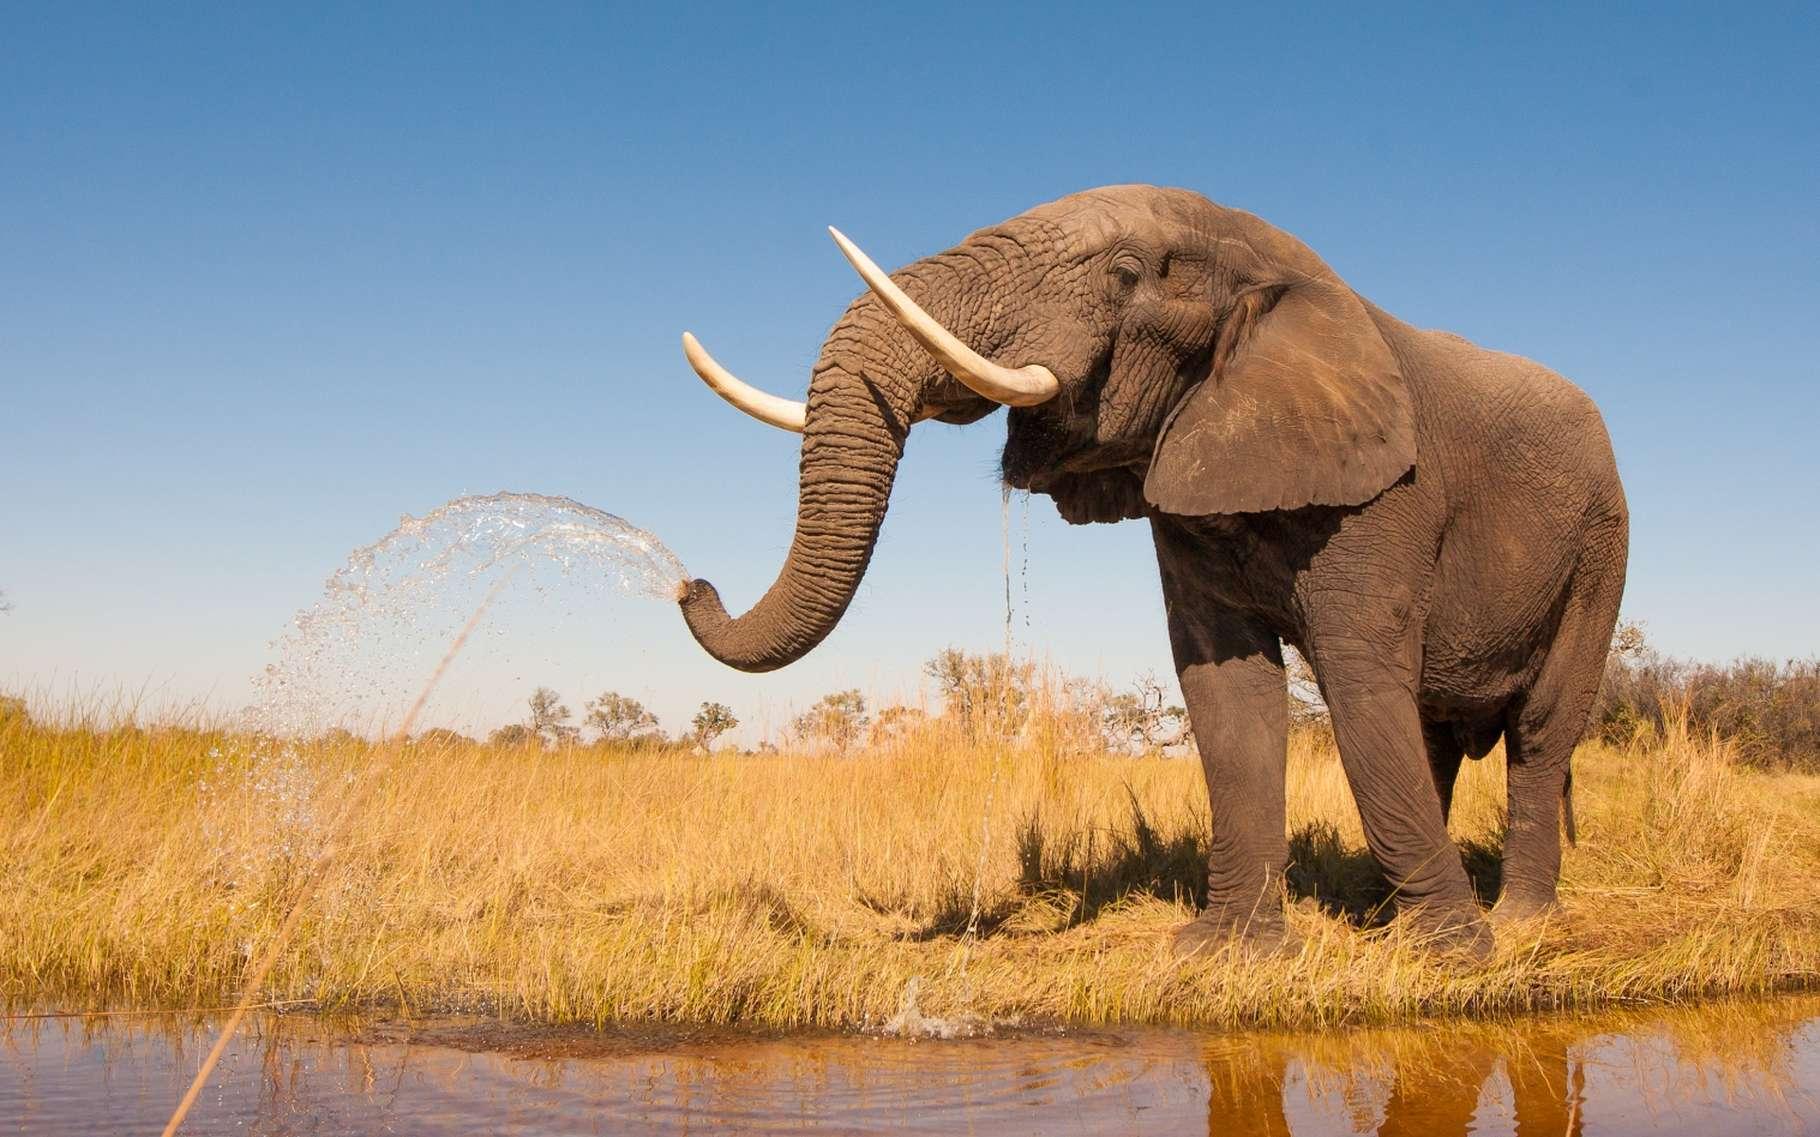 Les deux espèces d'éléphants d'Afrique (éléphant de savane et éléphant de forêt) ont vu leurs effectifs fondre ces dernières années, à cause du braconnage et de la réduction de leurs habitats due aux activités humaines (villes, villages, agriculture, routes…). Leur situation semble désormais critique. © Donovan van Staden, Shutterstock